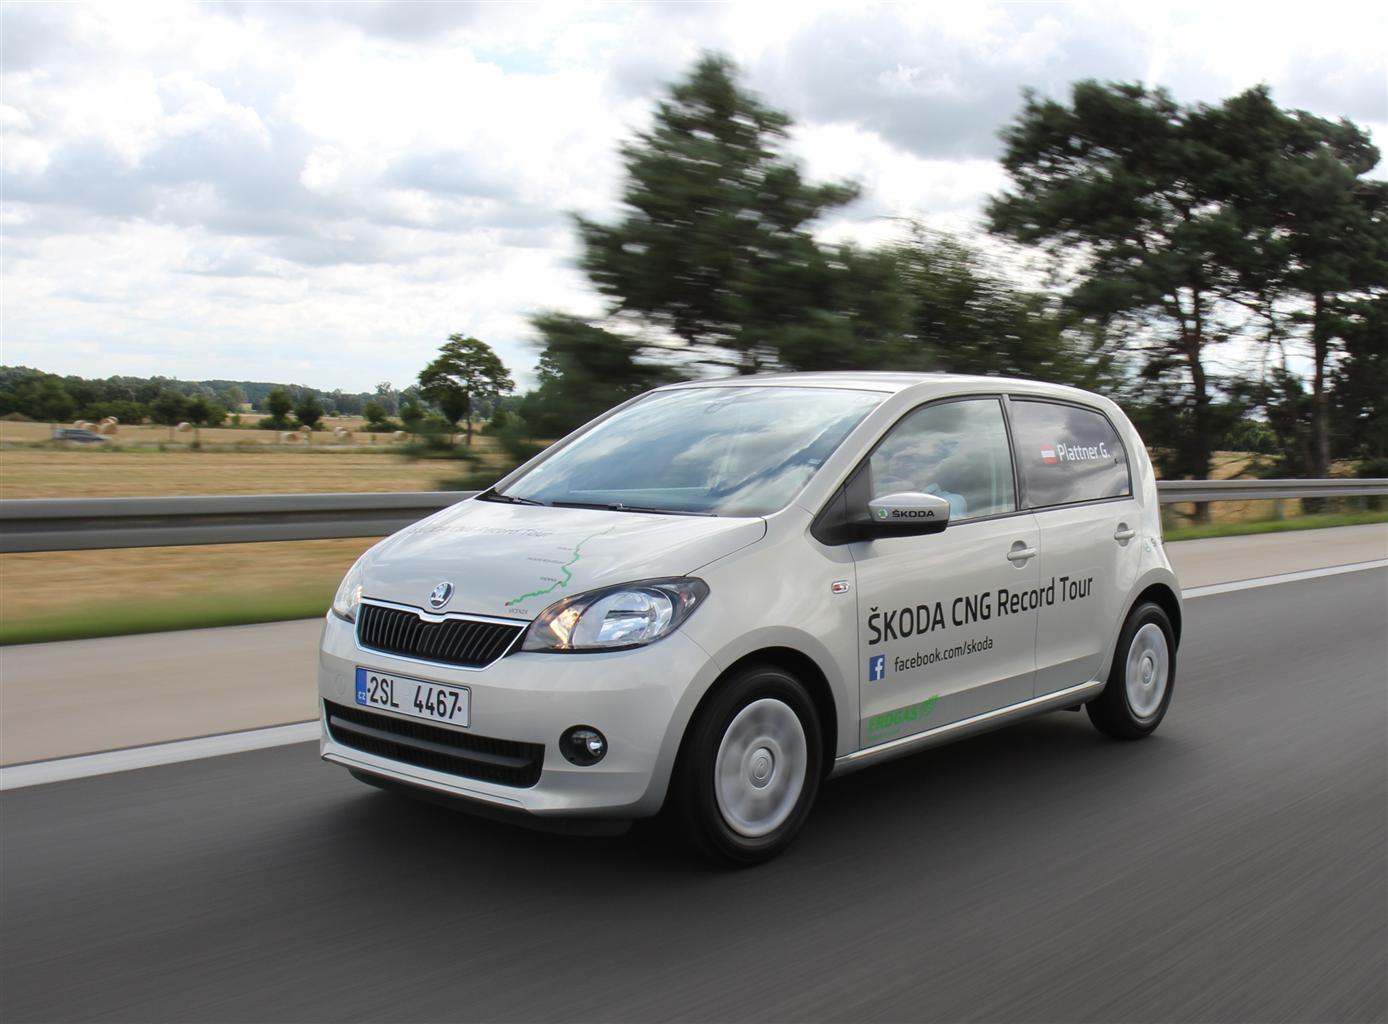 ŠKODA Citigo: meno di 100 Euro di carburante per oltre 2.500 km